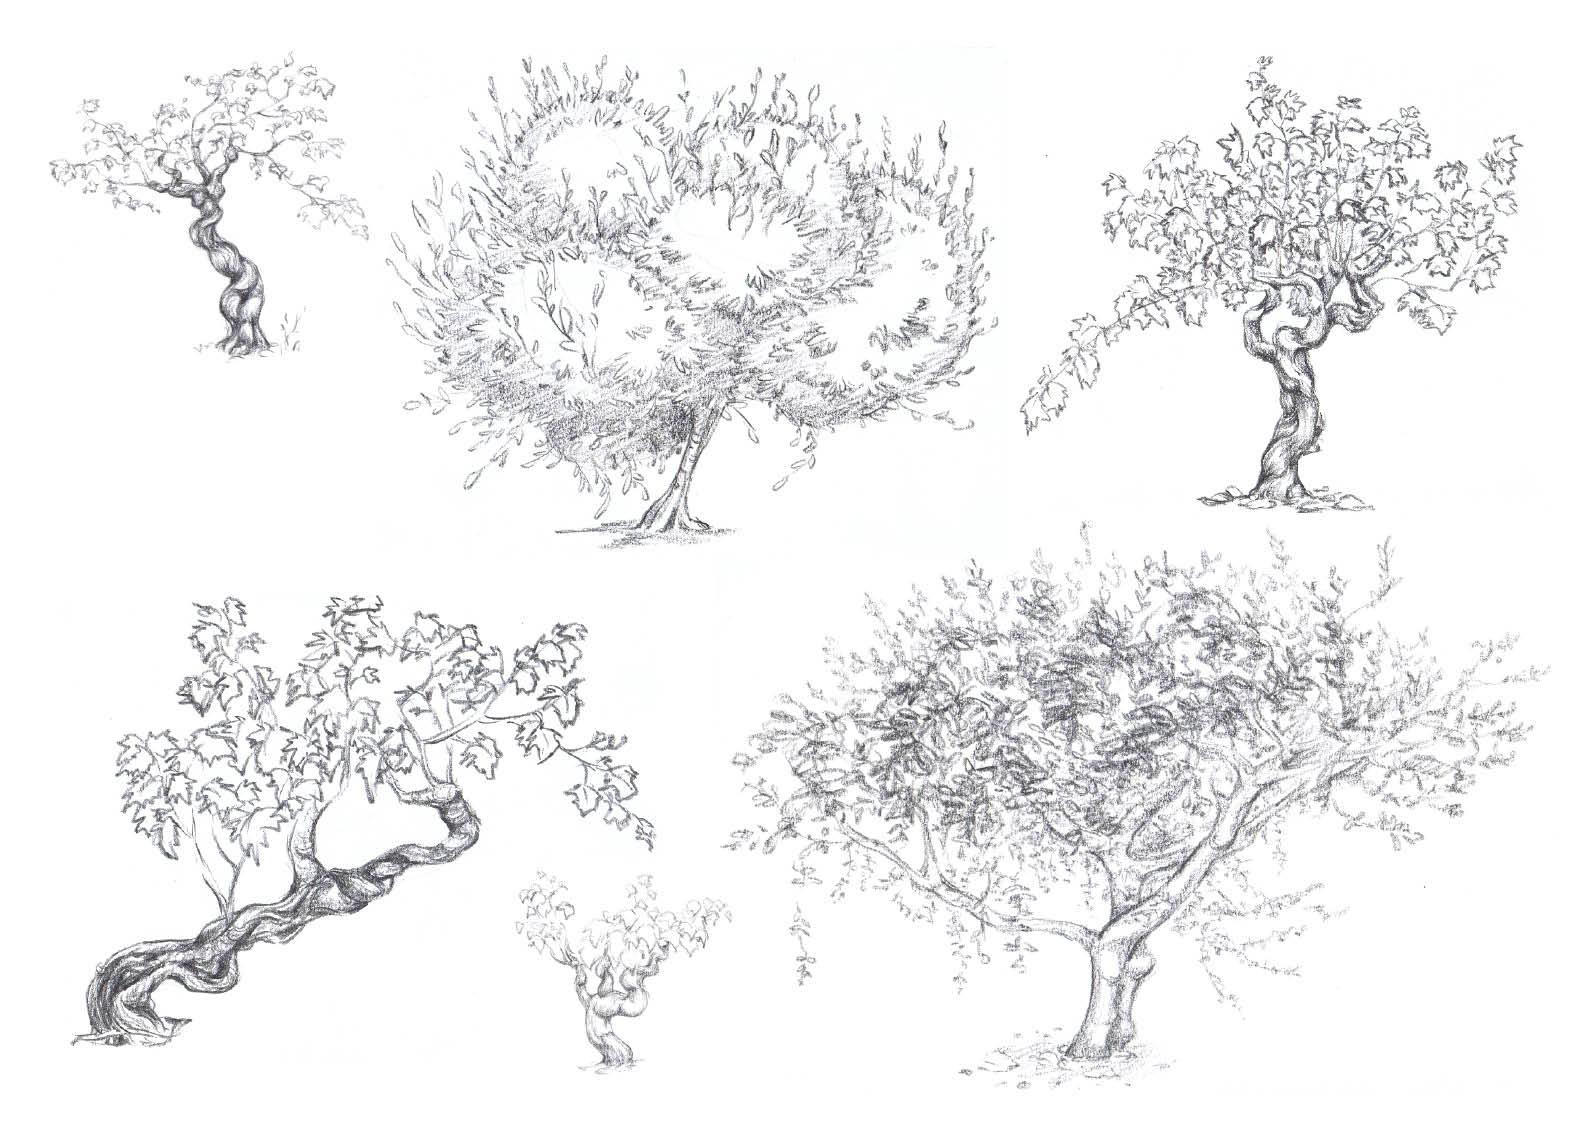 Estelle colin croquis d 39 arbres - Croquis arbre ...